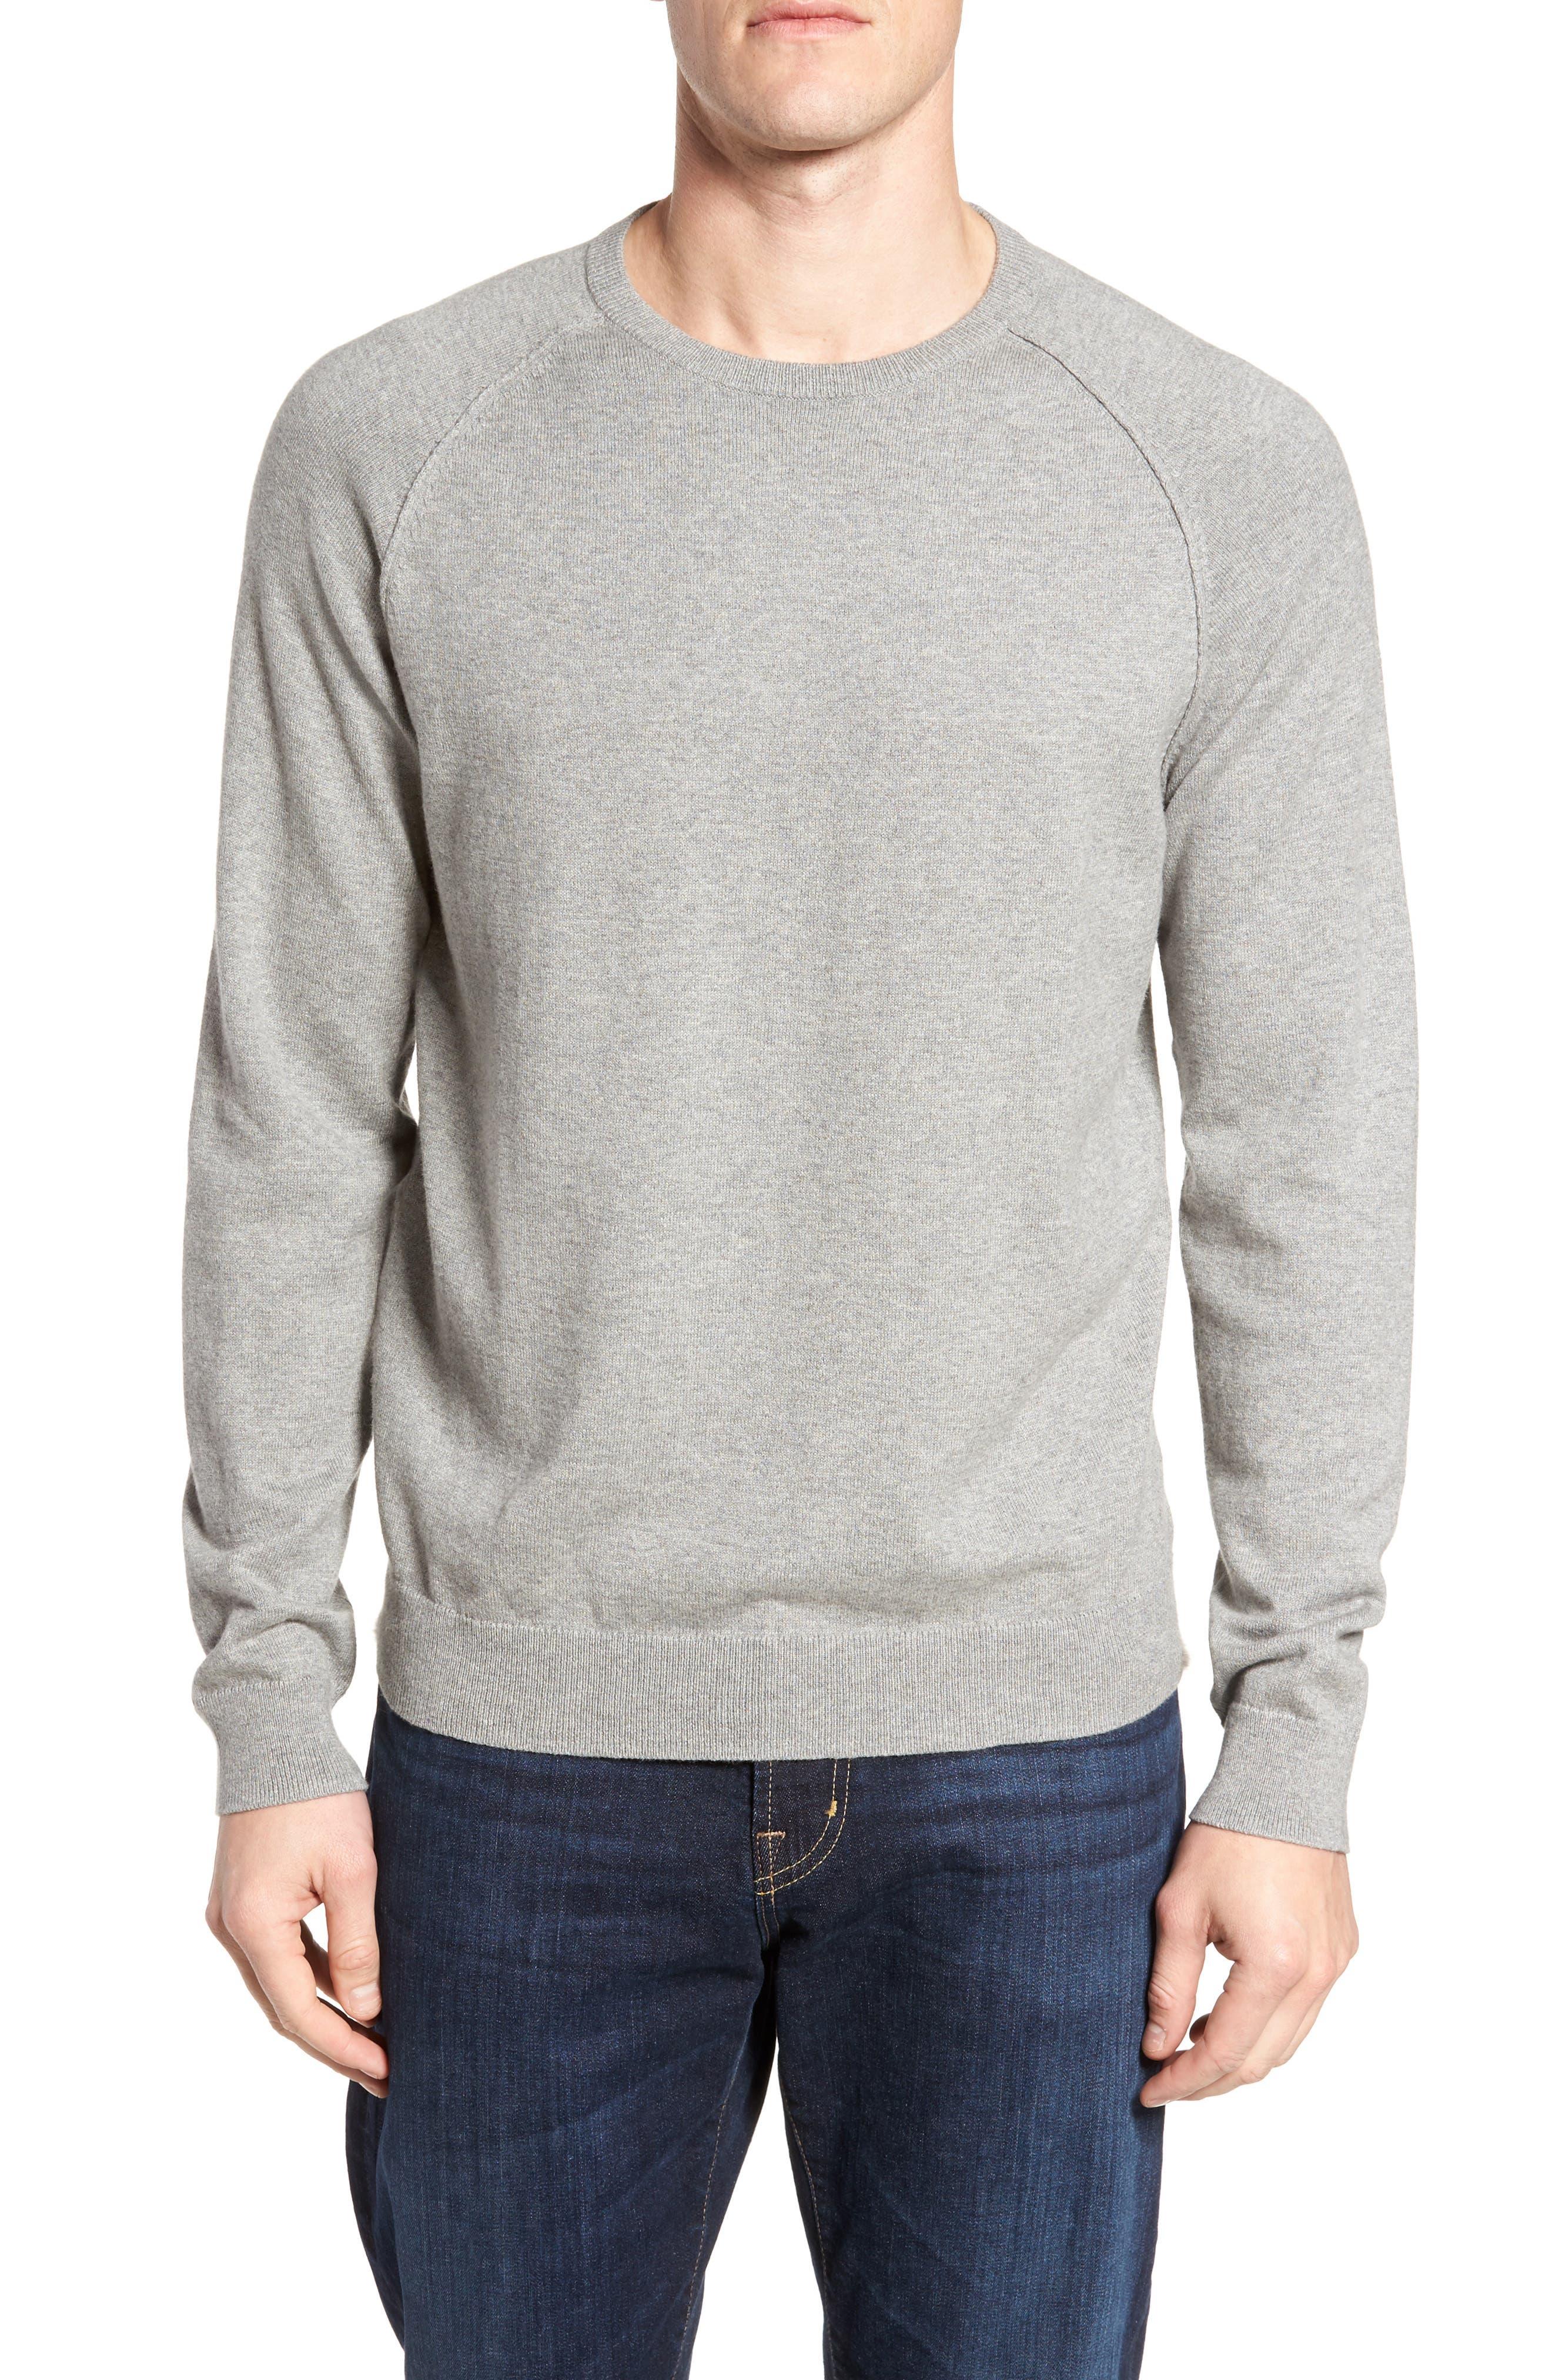 Nordstrom Men's Shop Saddle Shoulder Cotton & Cashmere Sweater